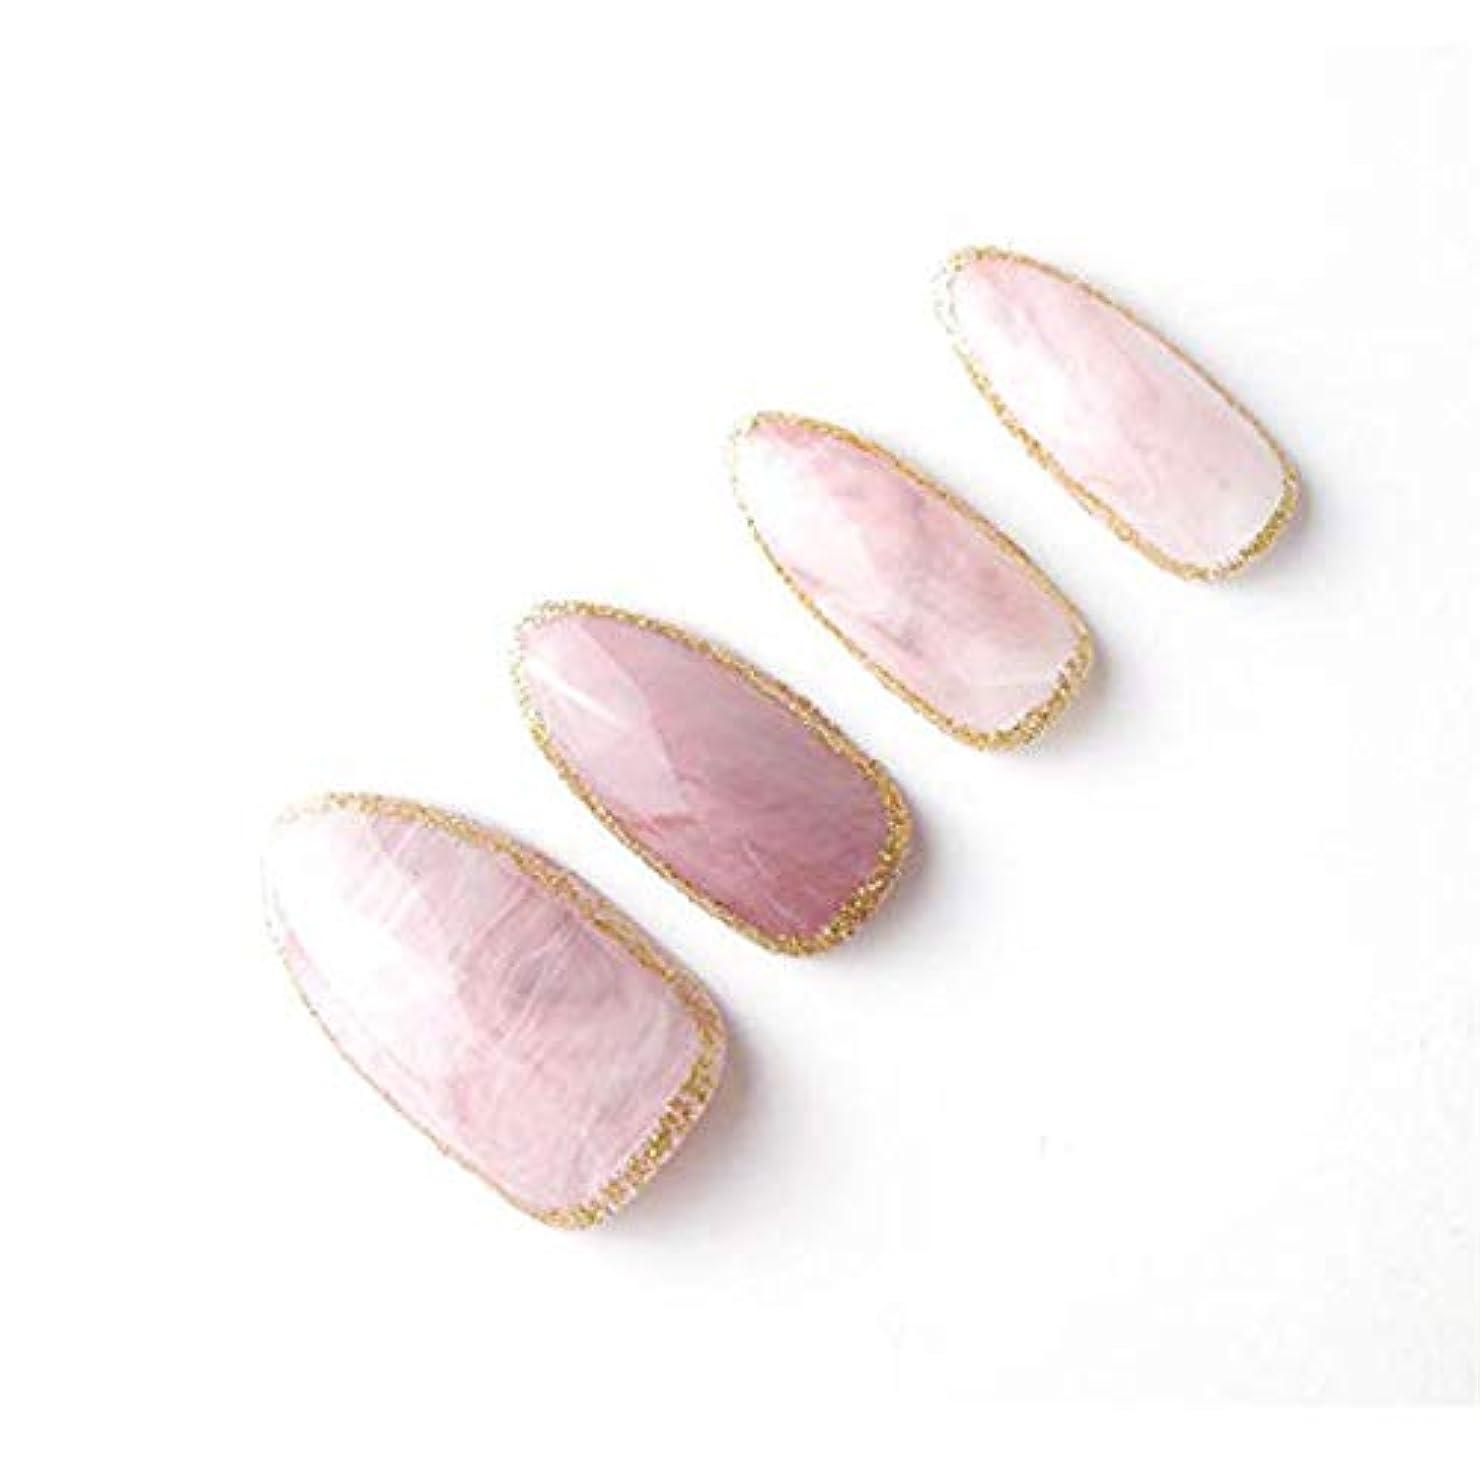 おじさん工業化する徐々にYuNail ネイルチップ 24枚 ピンク 石の質感 楕円形状 短い アクリル